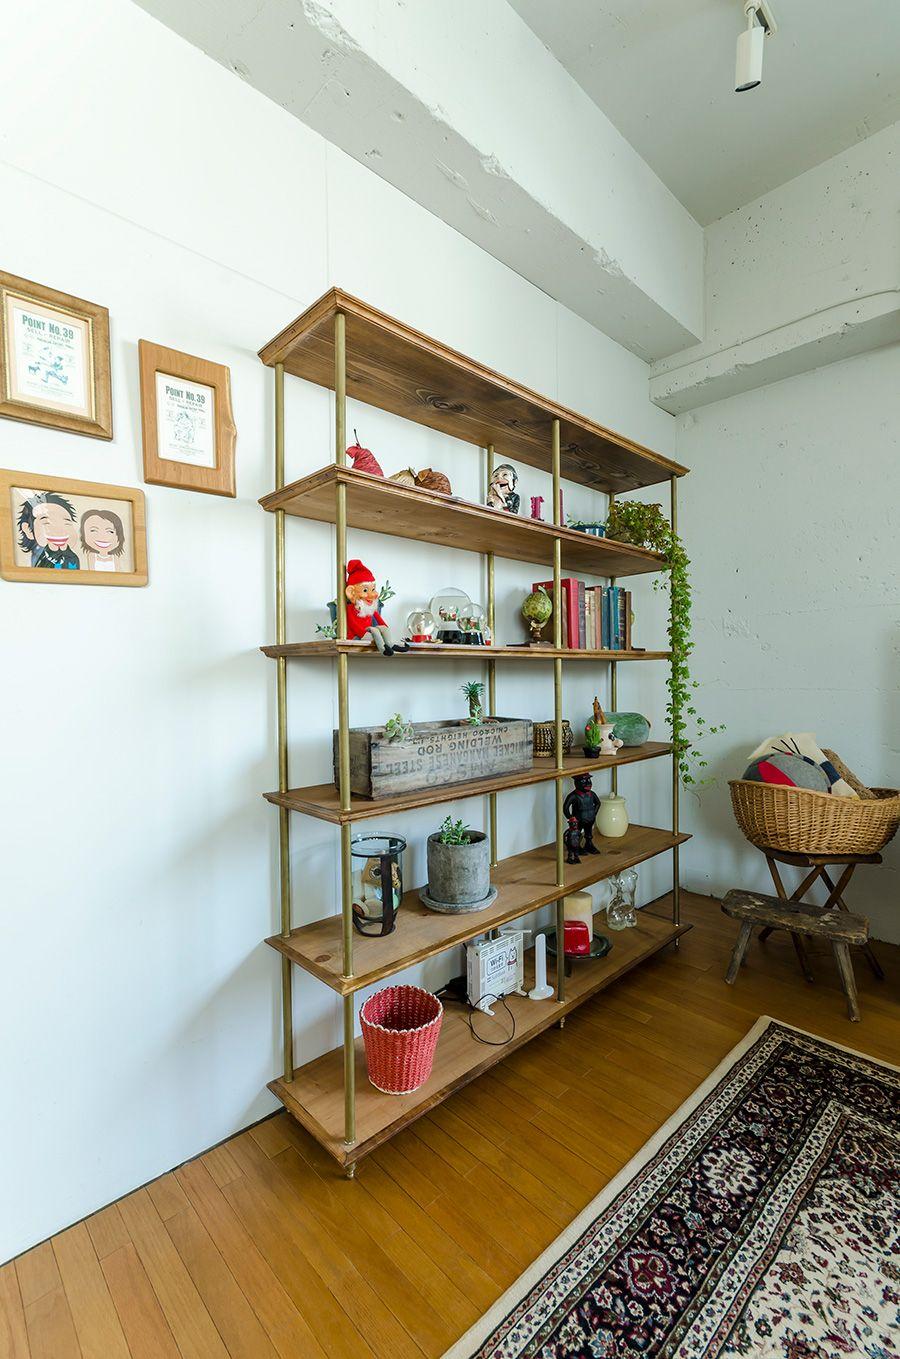 2面に開口部があり明るい室内 リビング部分には板を張り 絨毯を敷い